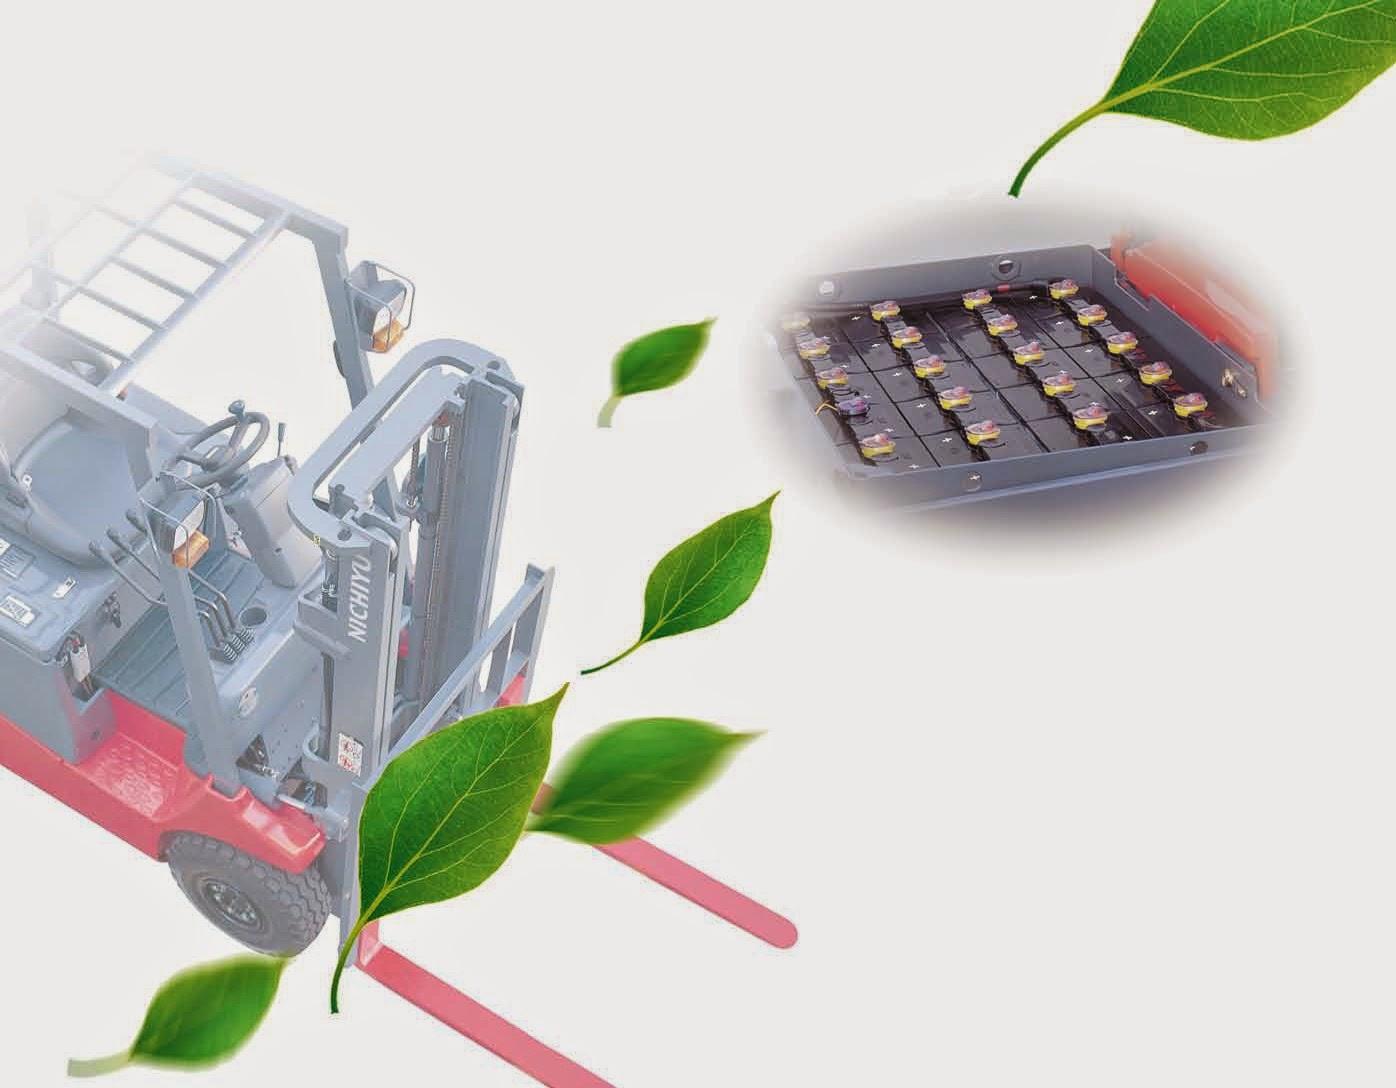 Nichiyu Battery Forklift 1.0-3.0 ton